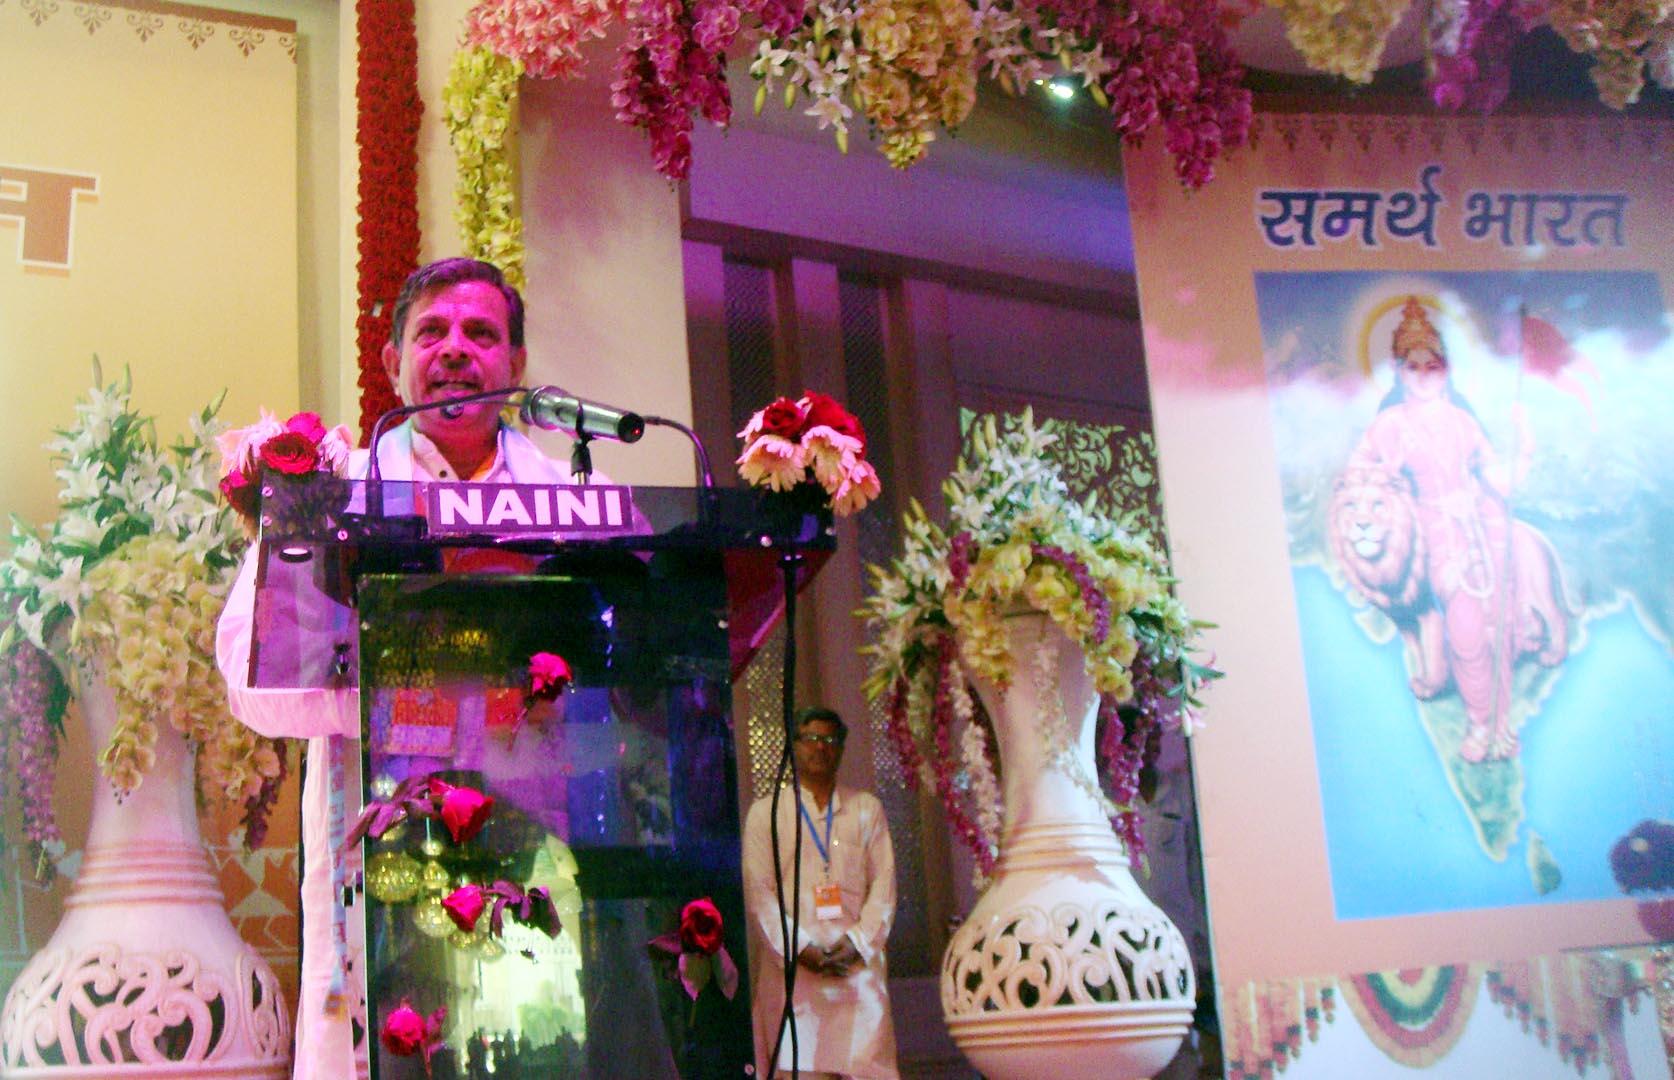 RSS Saha-sarakaryavah Dattatreya Hosabale addressing